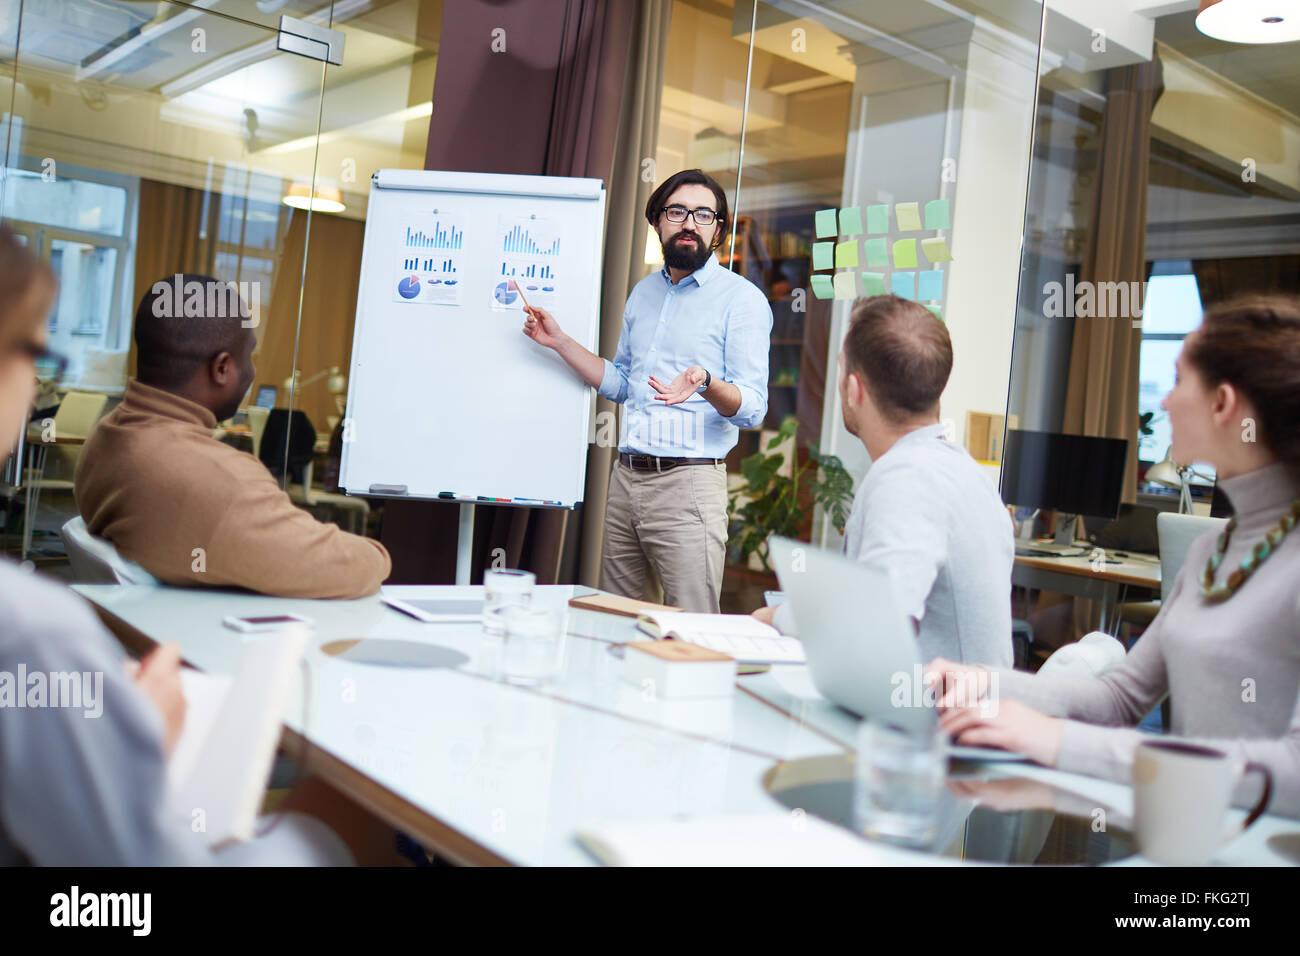 Junge Unternehmer finanzielle Grafiken, seine Partner Tagung zu erklären Stockbild